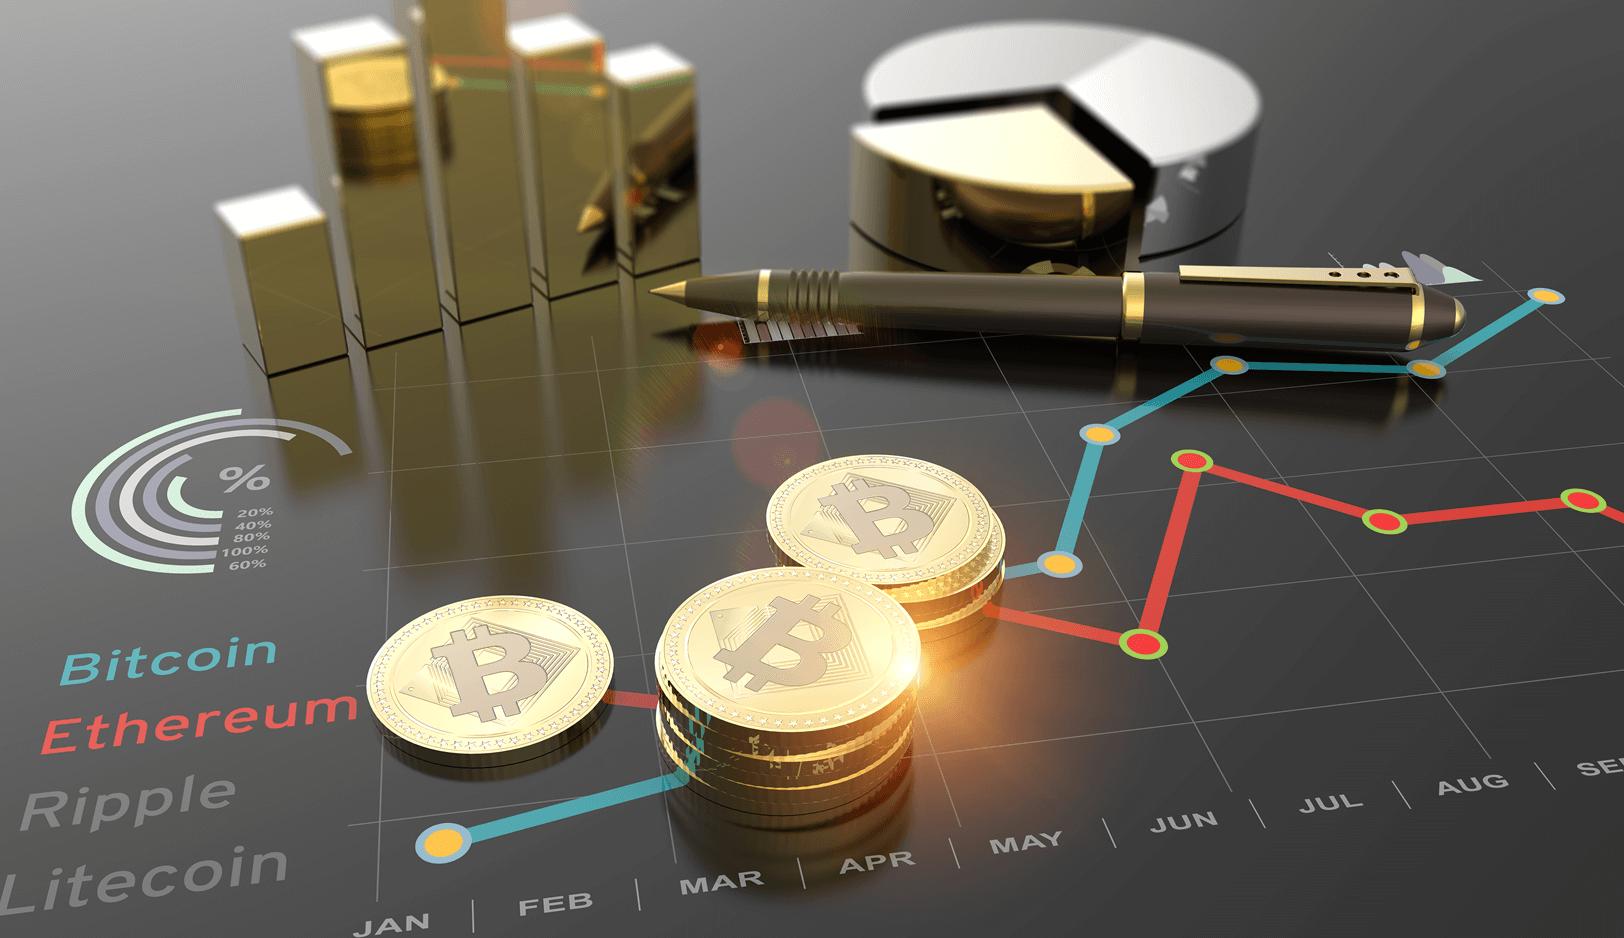 仮想通貨の価値が上昇する理由